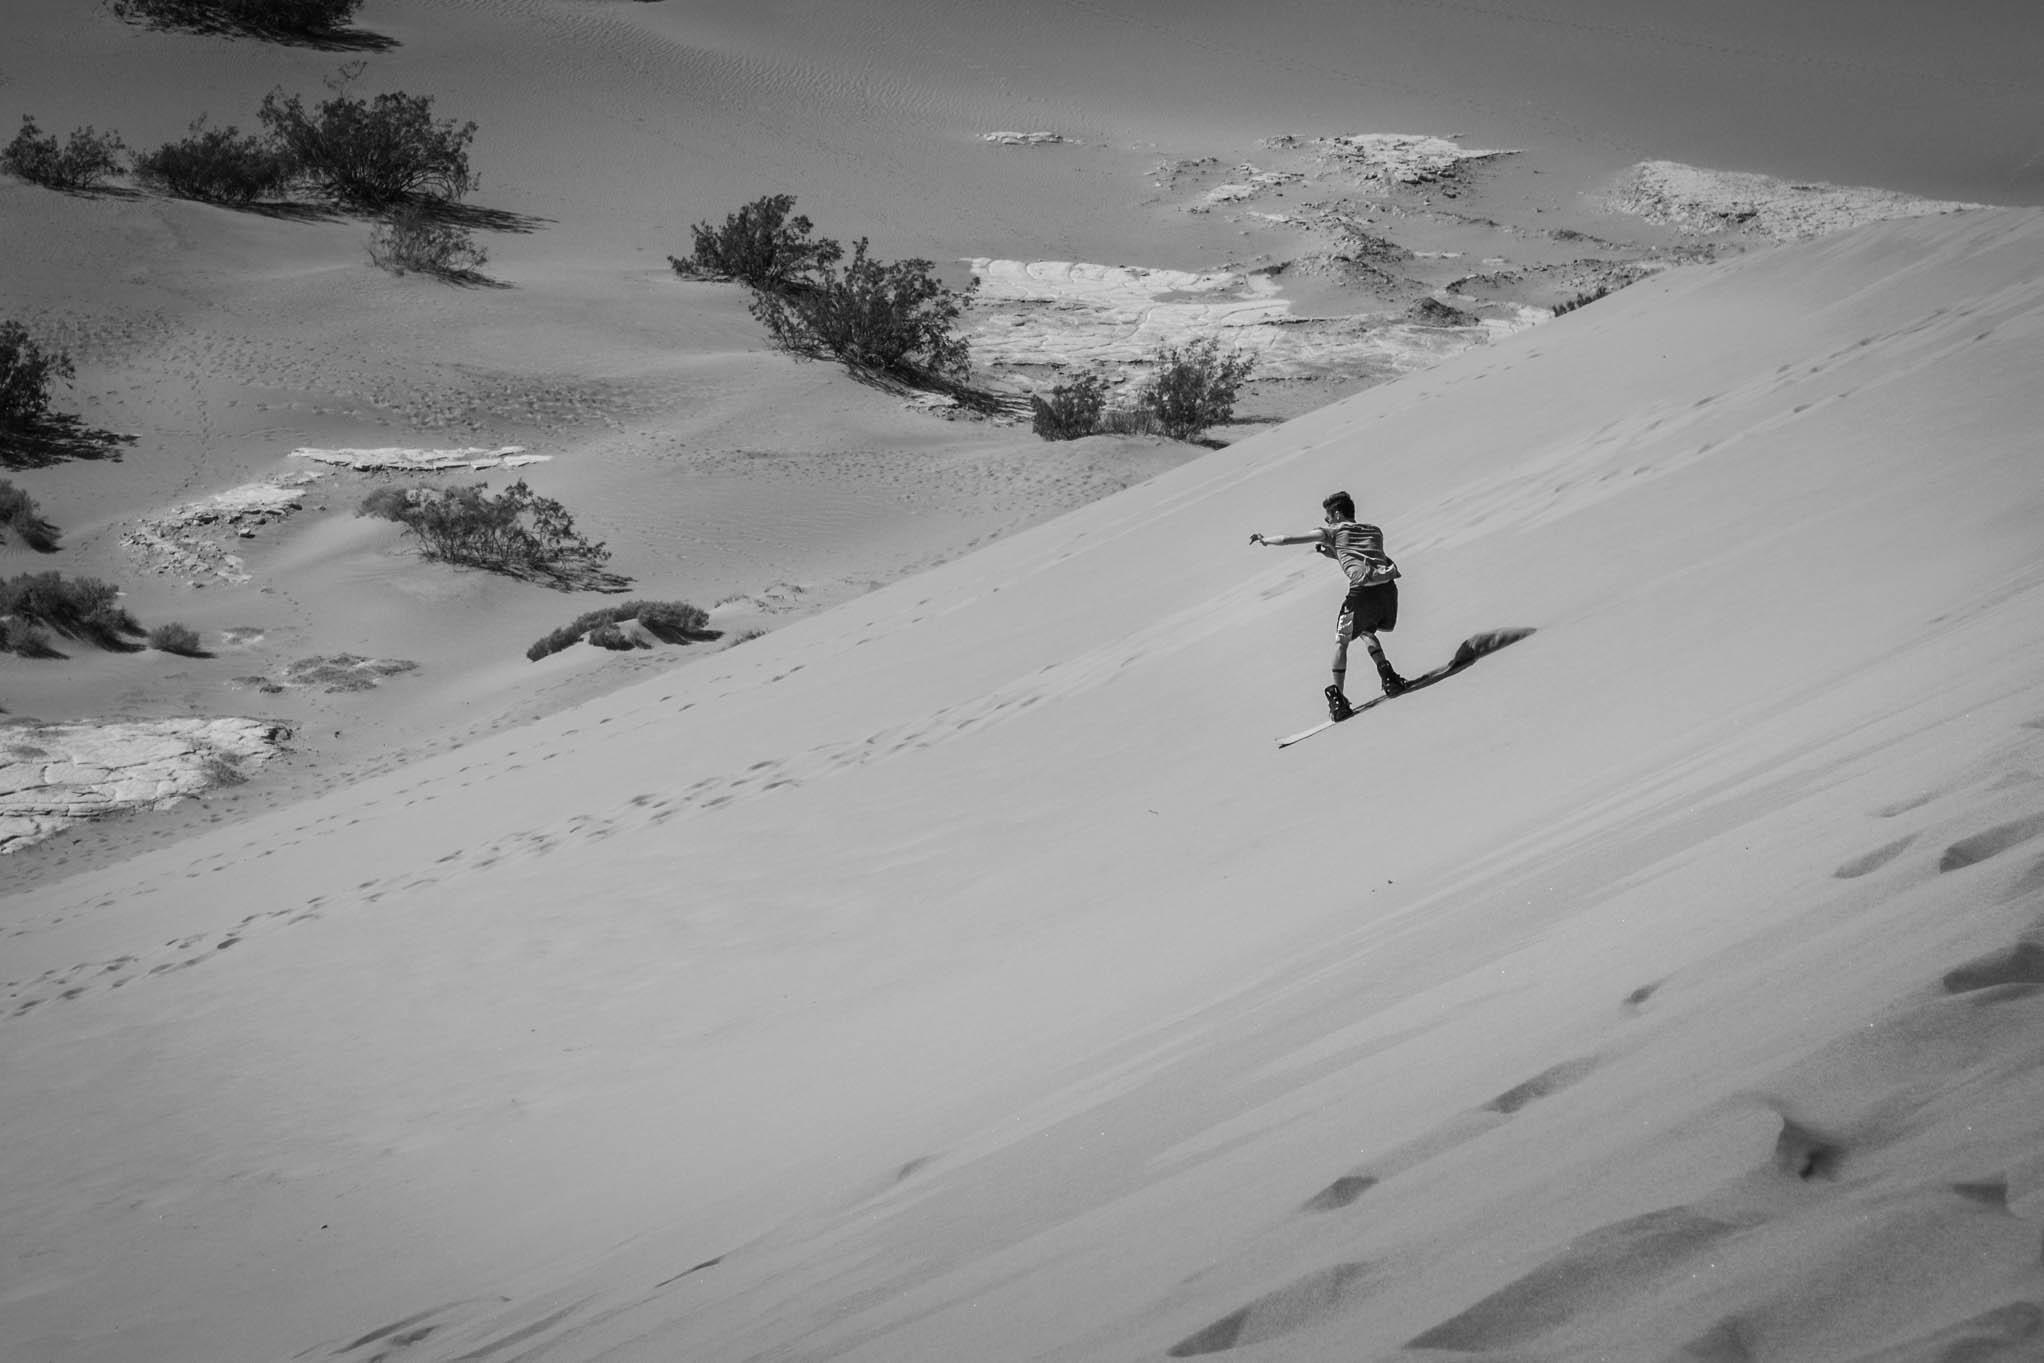 Un peu de glisse sur les dunes de sable